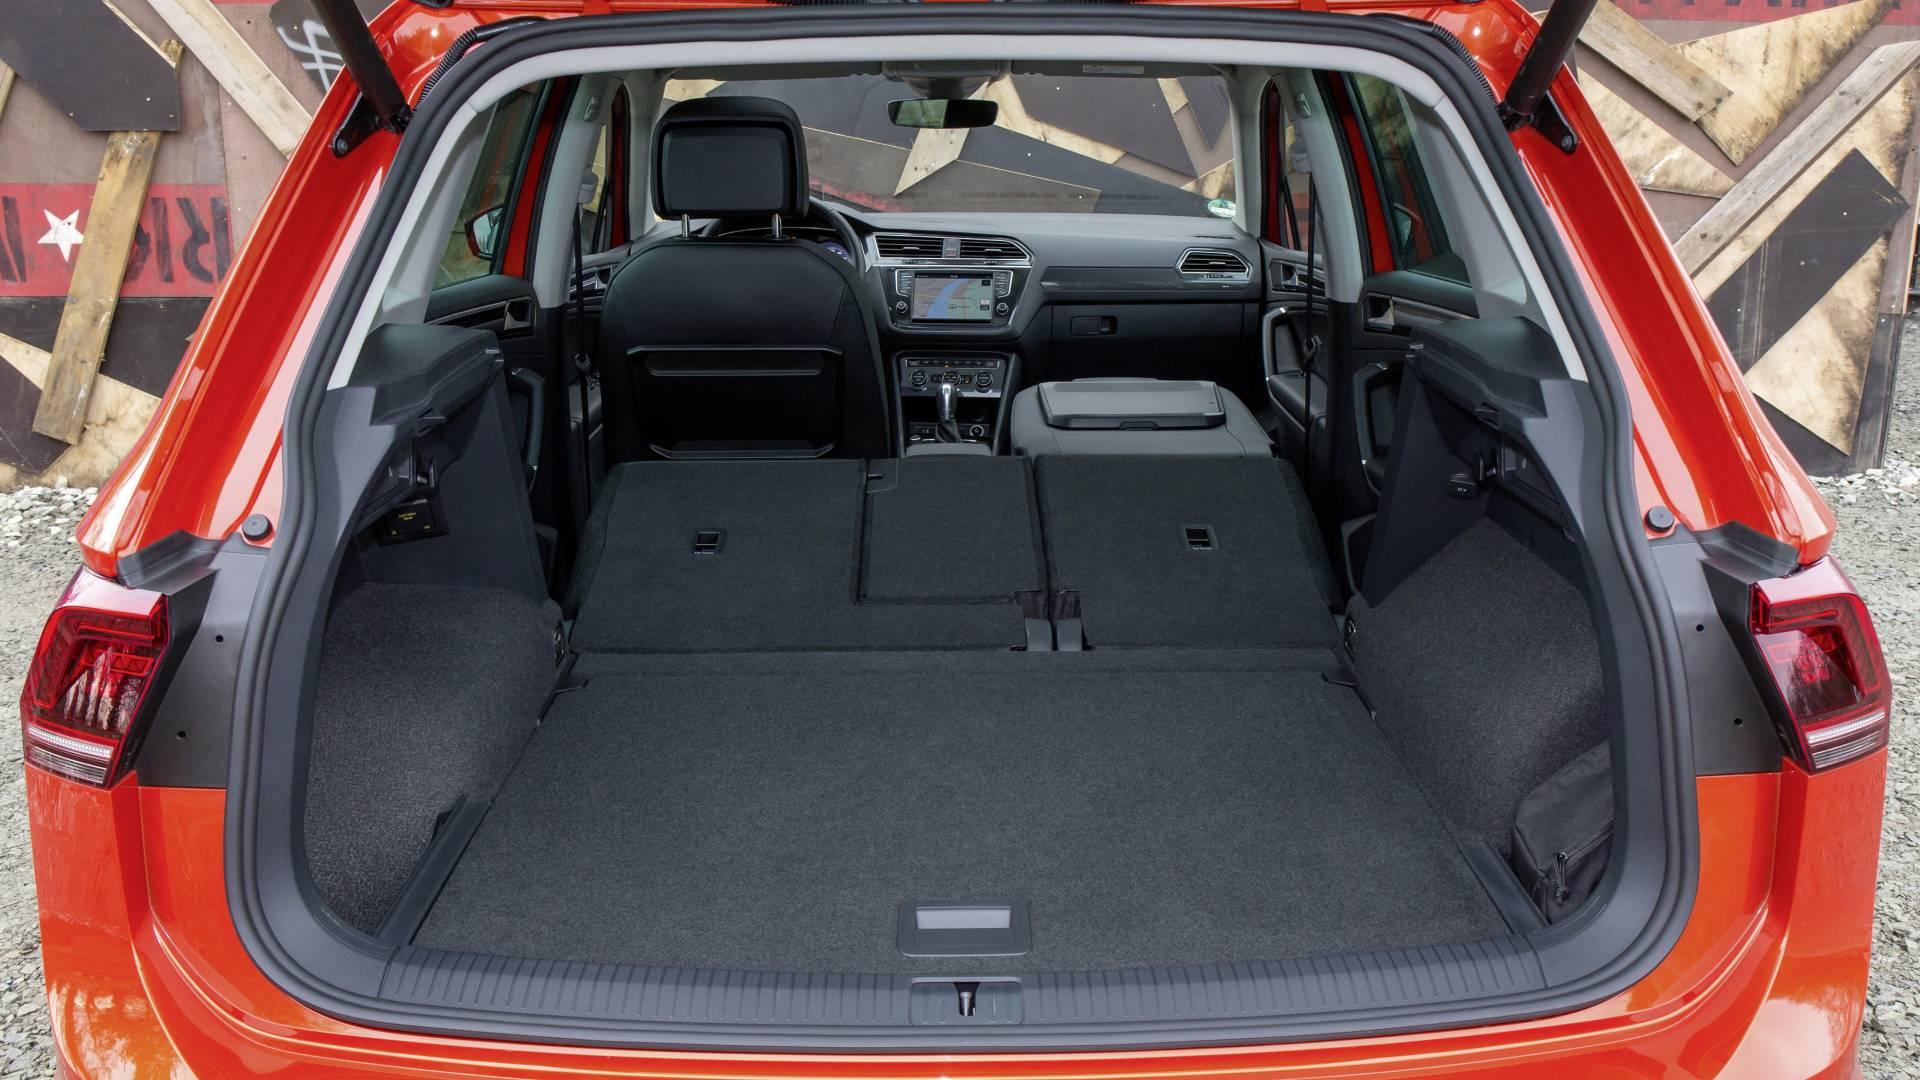 Abatiendo los asientos traseros, el volumen total de carga asciende a 1.655 litros. Además, la posibilidad de abatir el respaldo del asiento del acompañante posibilita poder transportar objetos largos.